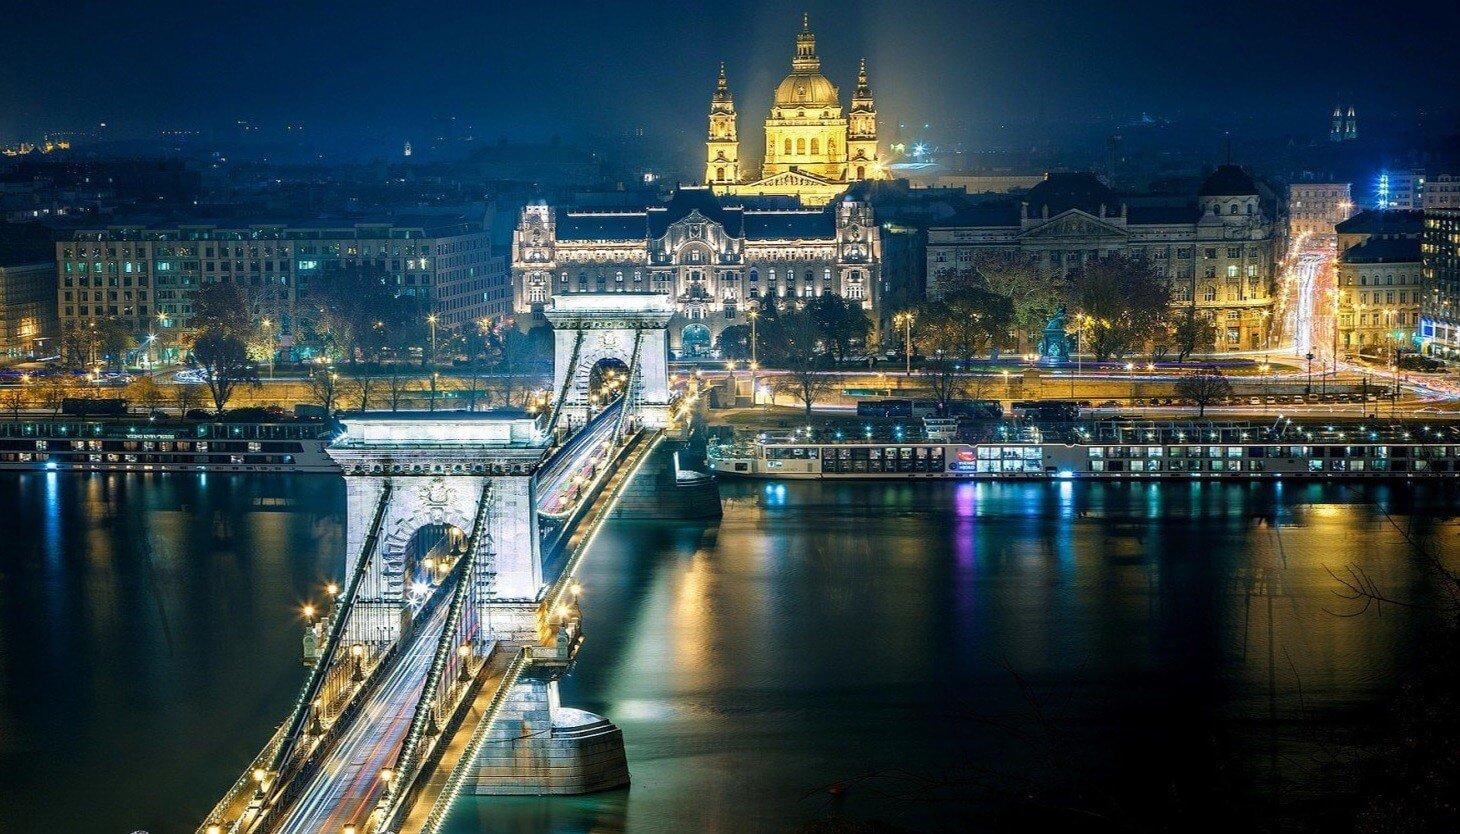 Új budapesti híd, háromsávos M1 és M7 - így néz ki az olimpiai terv